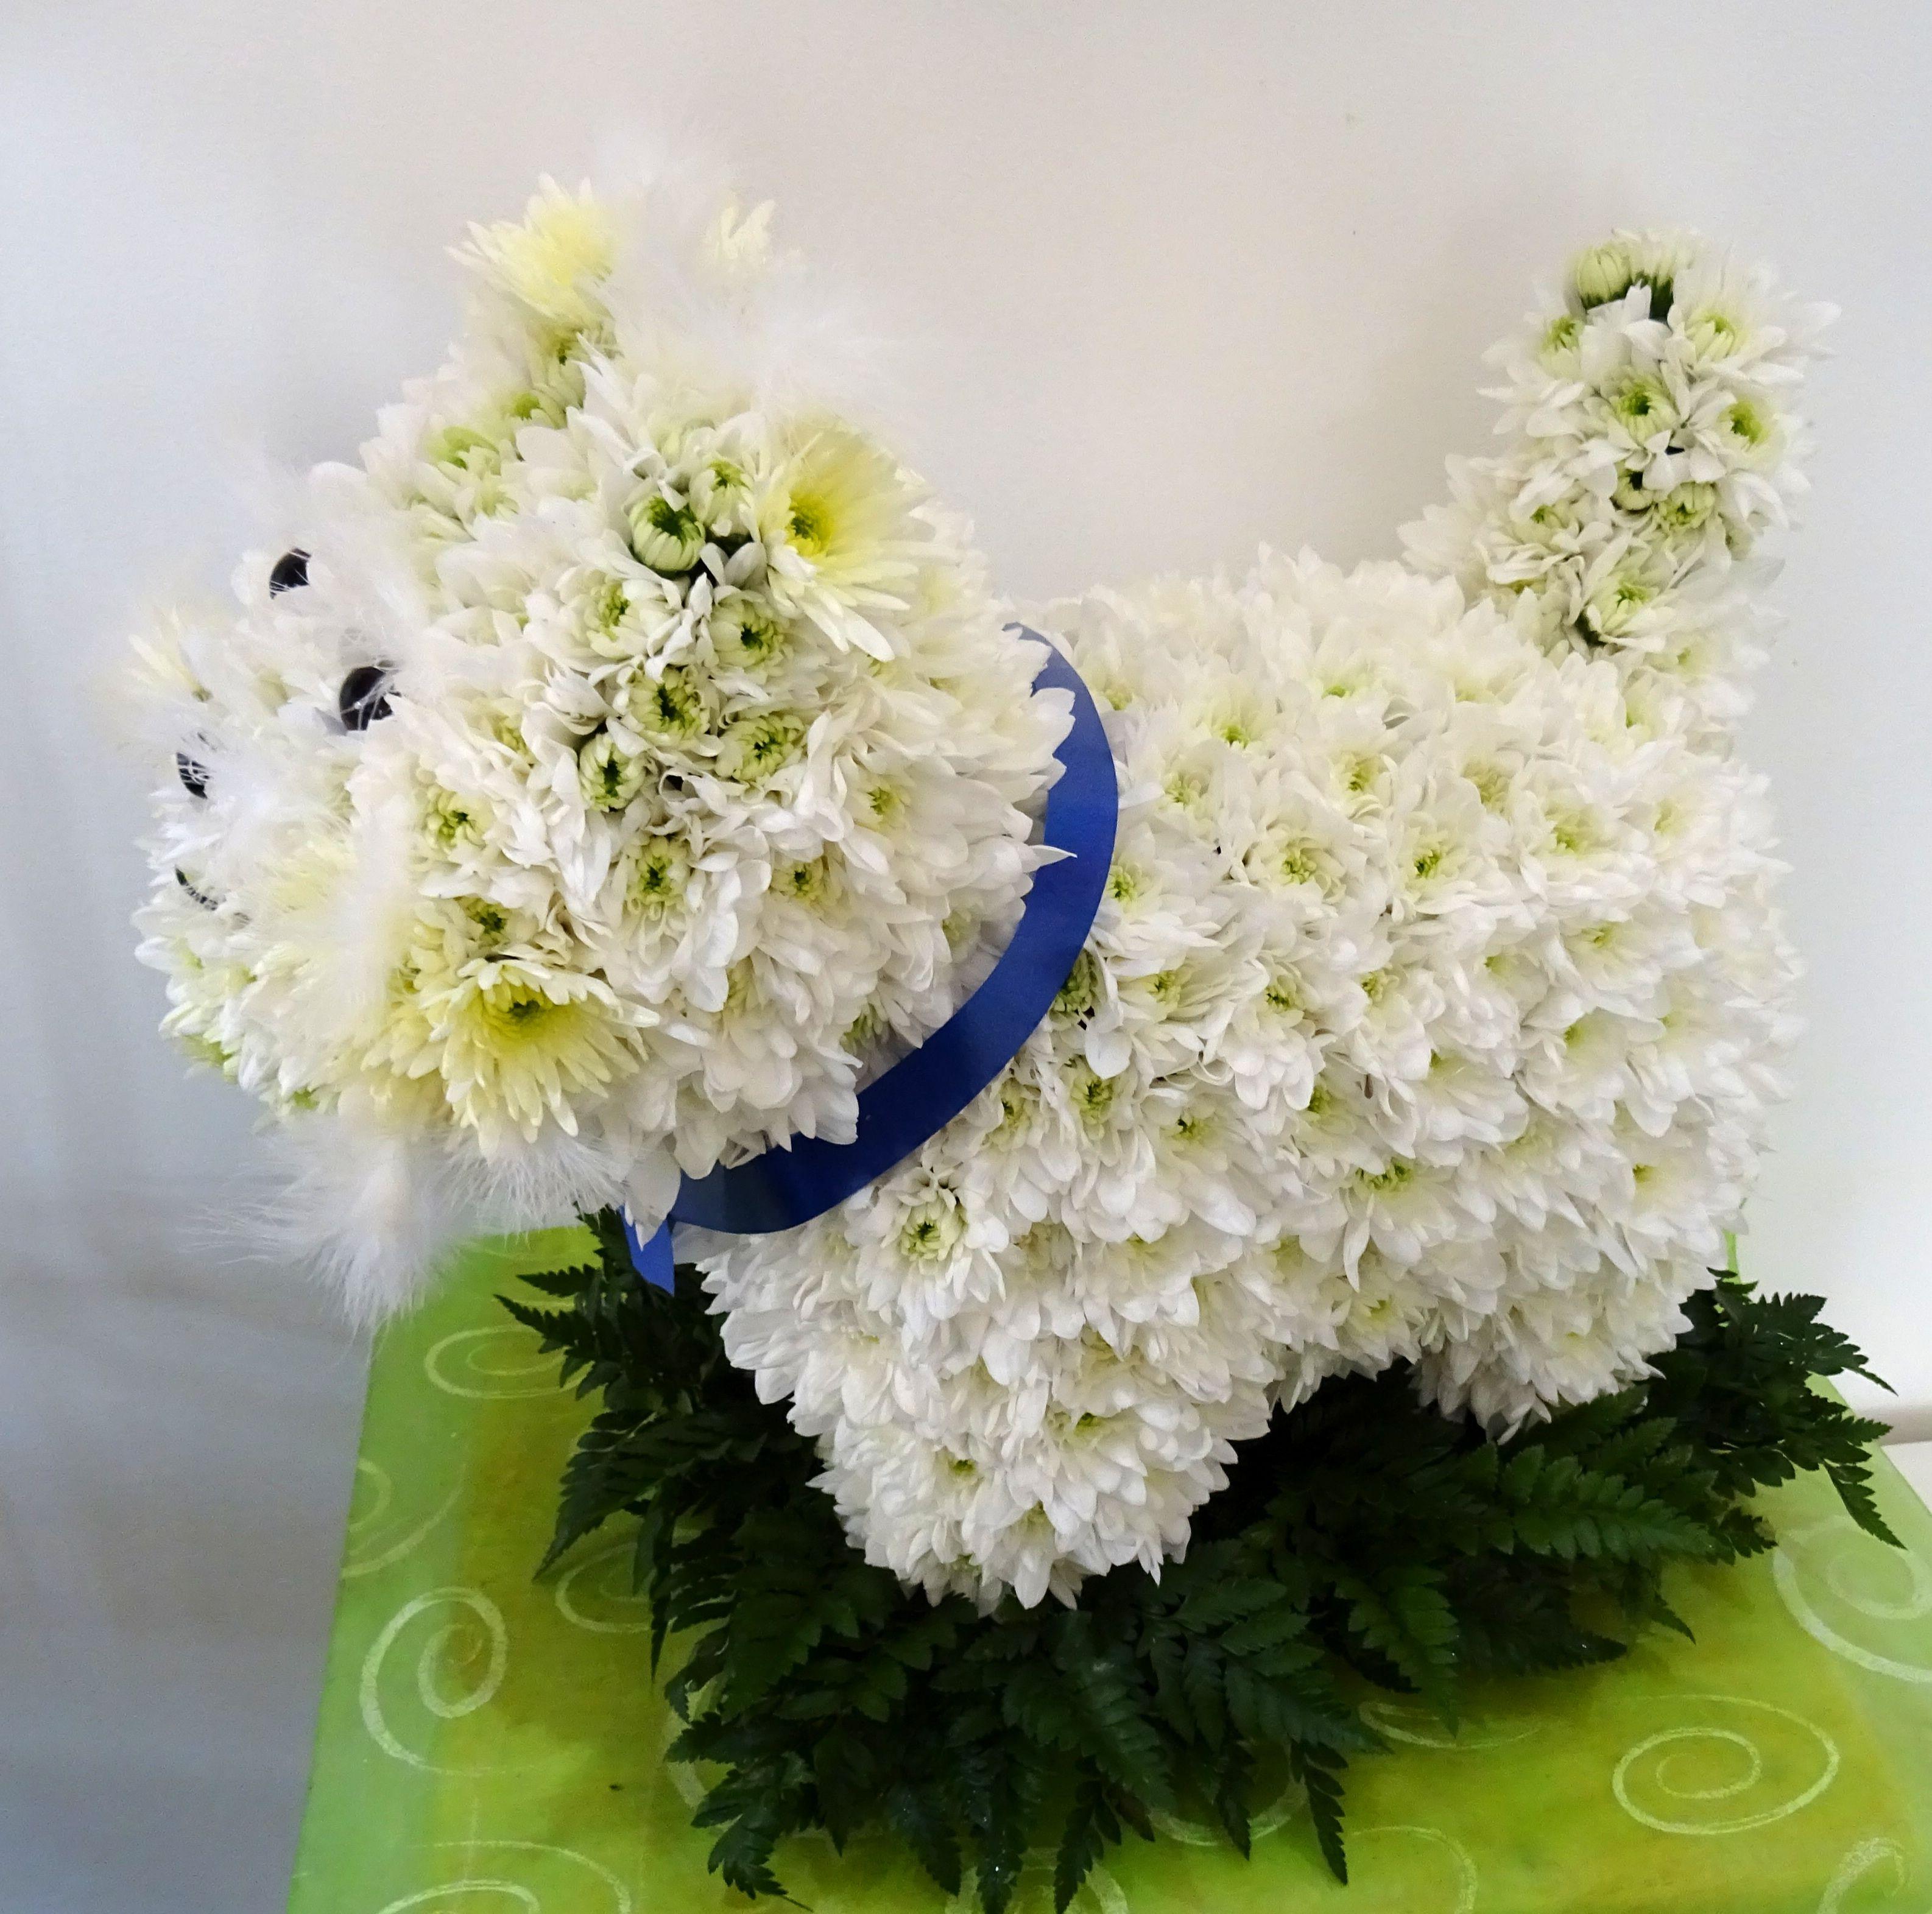 3d westie dog tribute funeral flowers pinterest funeral flowers funeral flowers 3d westie dog tribute izmirmasajfo